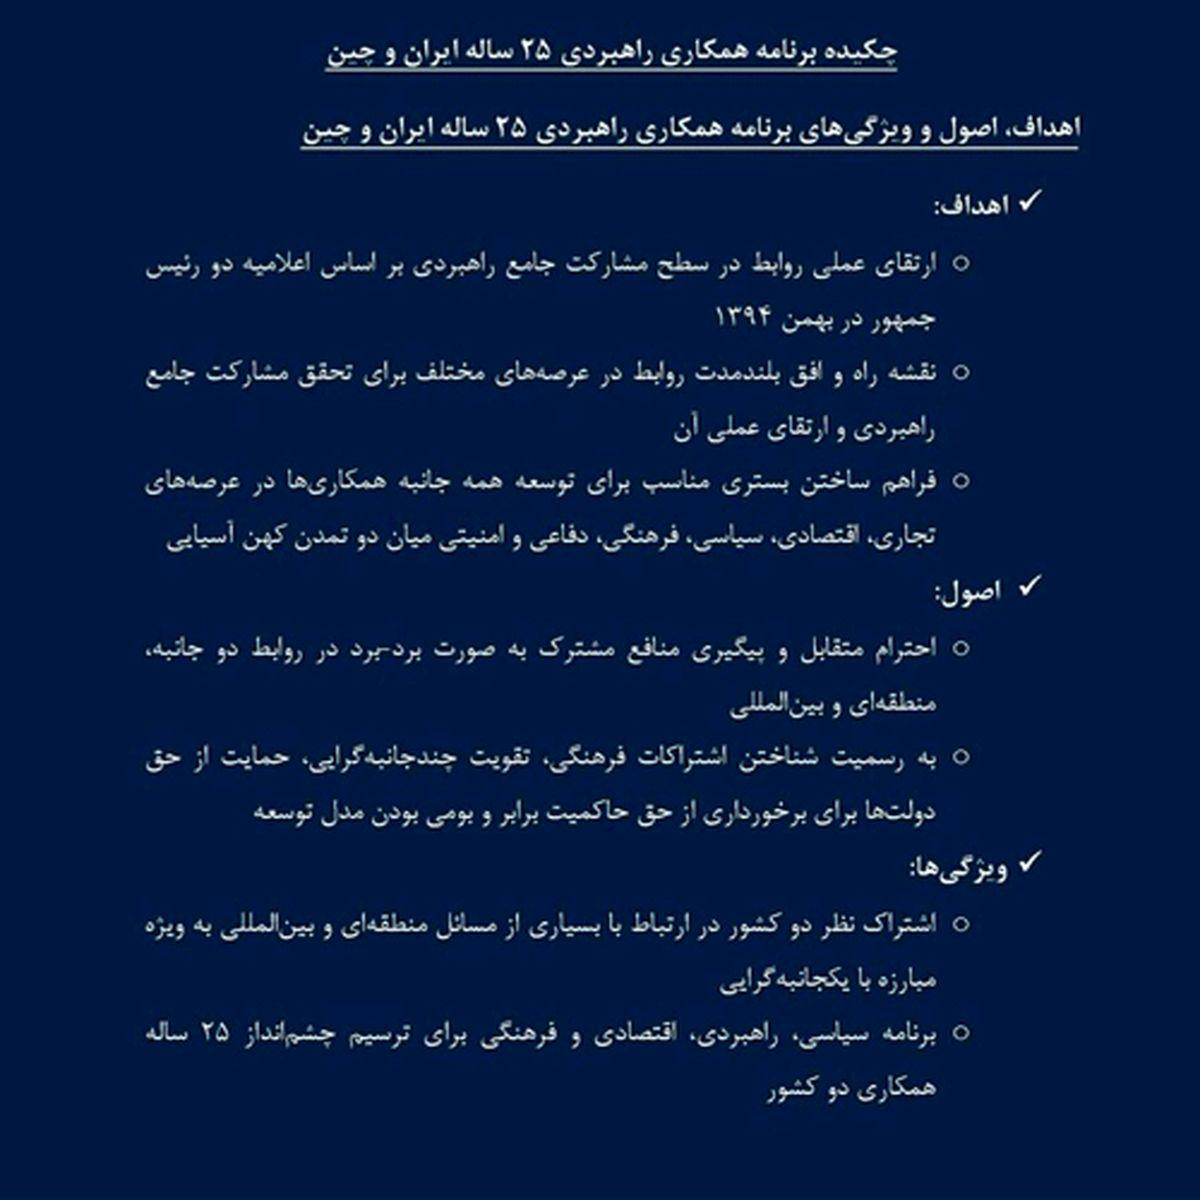 ۹ تصور غلط از قرارداد ایران و چین به روایت ظریف+عکس